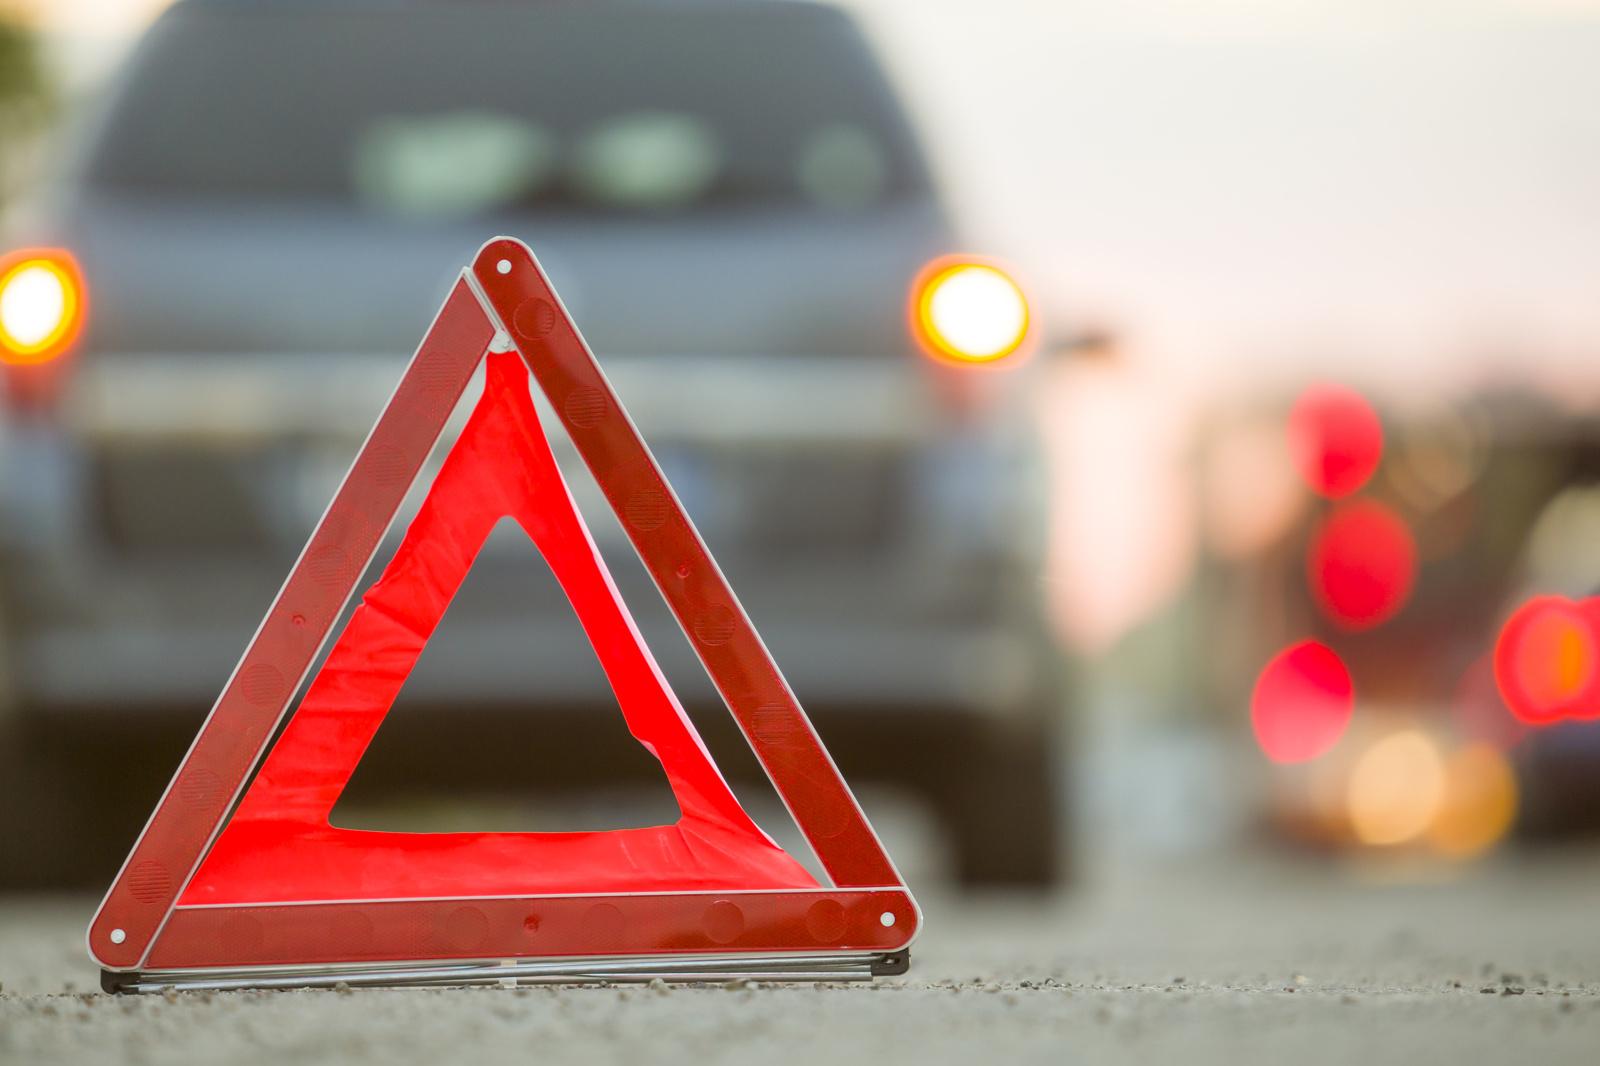 Alytaus rajone susidūrė automobiliai, nukentėjo keleivis